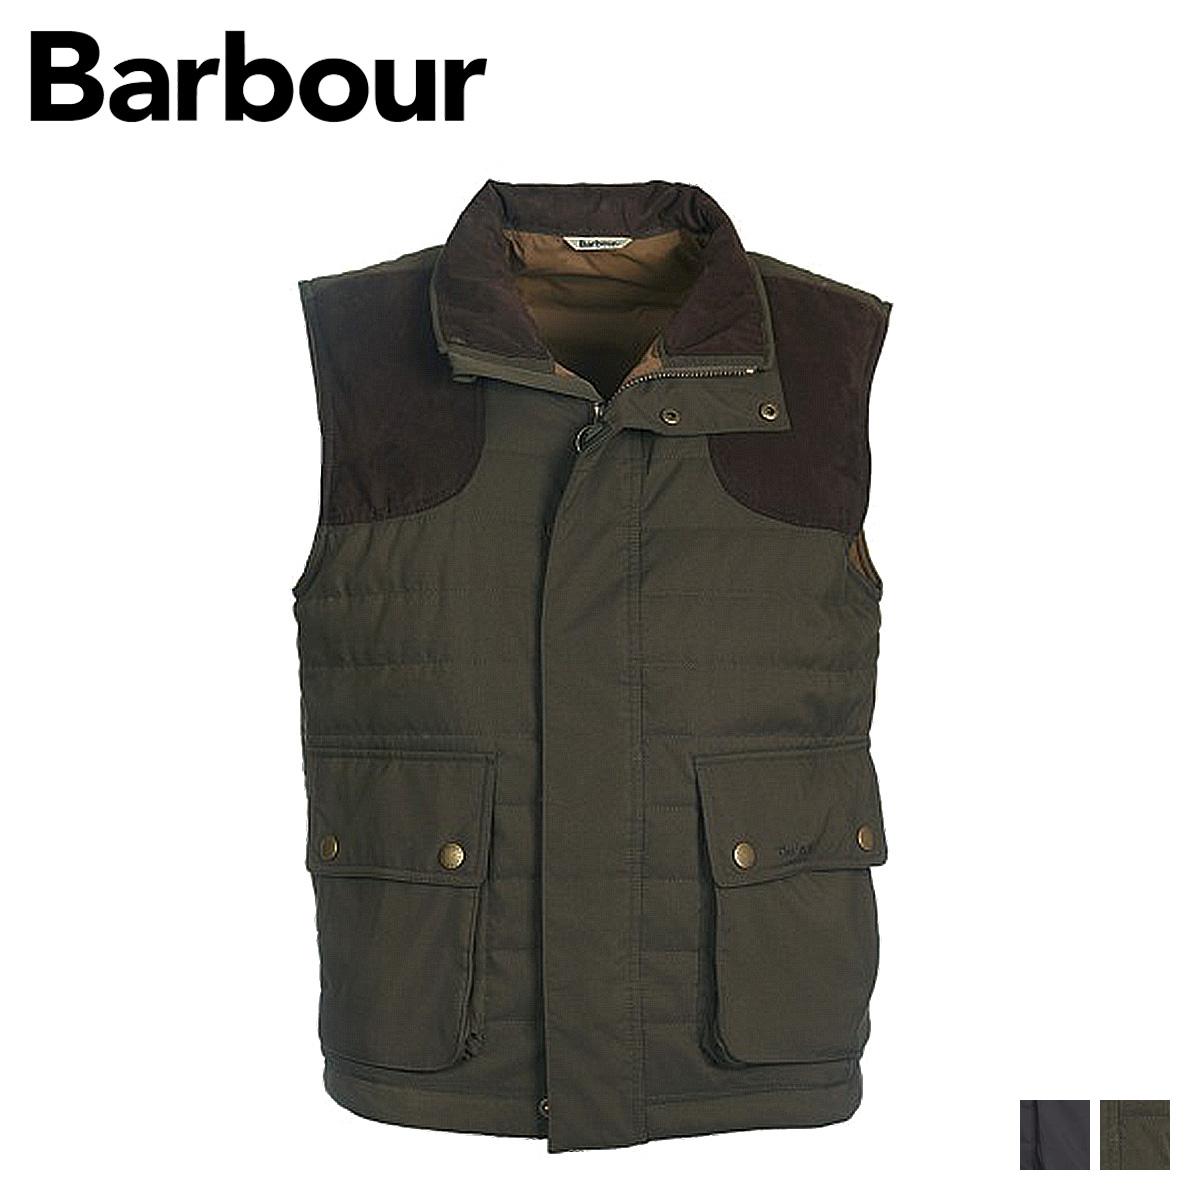 バブアー Barbour ジャケット キルトジャケット BARBOUR AVOCET QUILT JAKECT メンズ